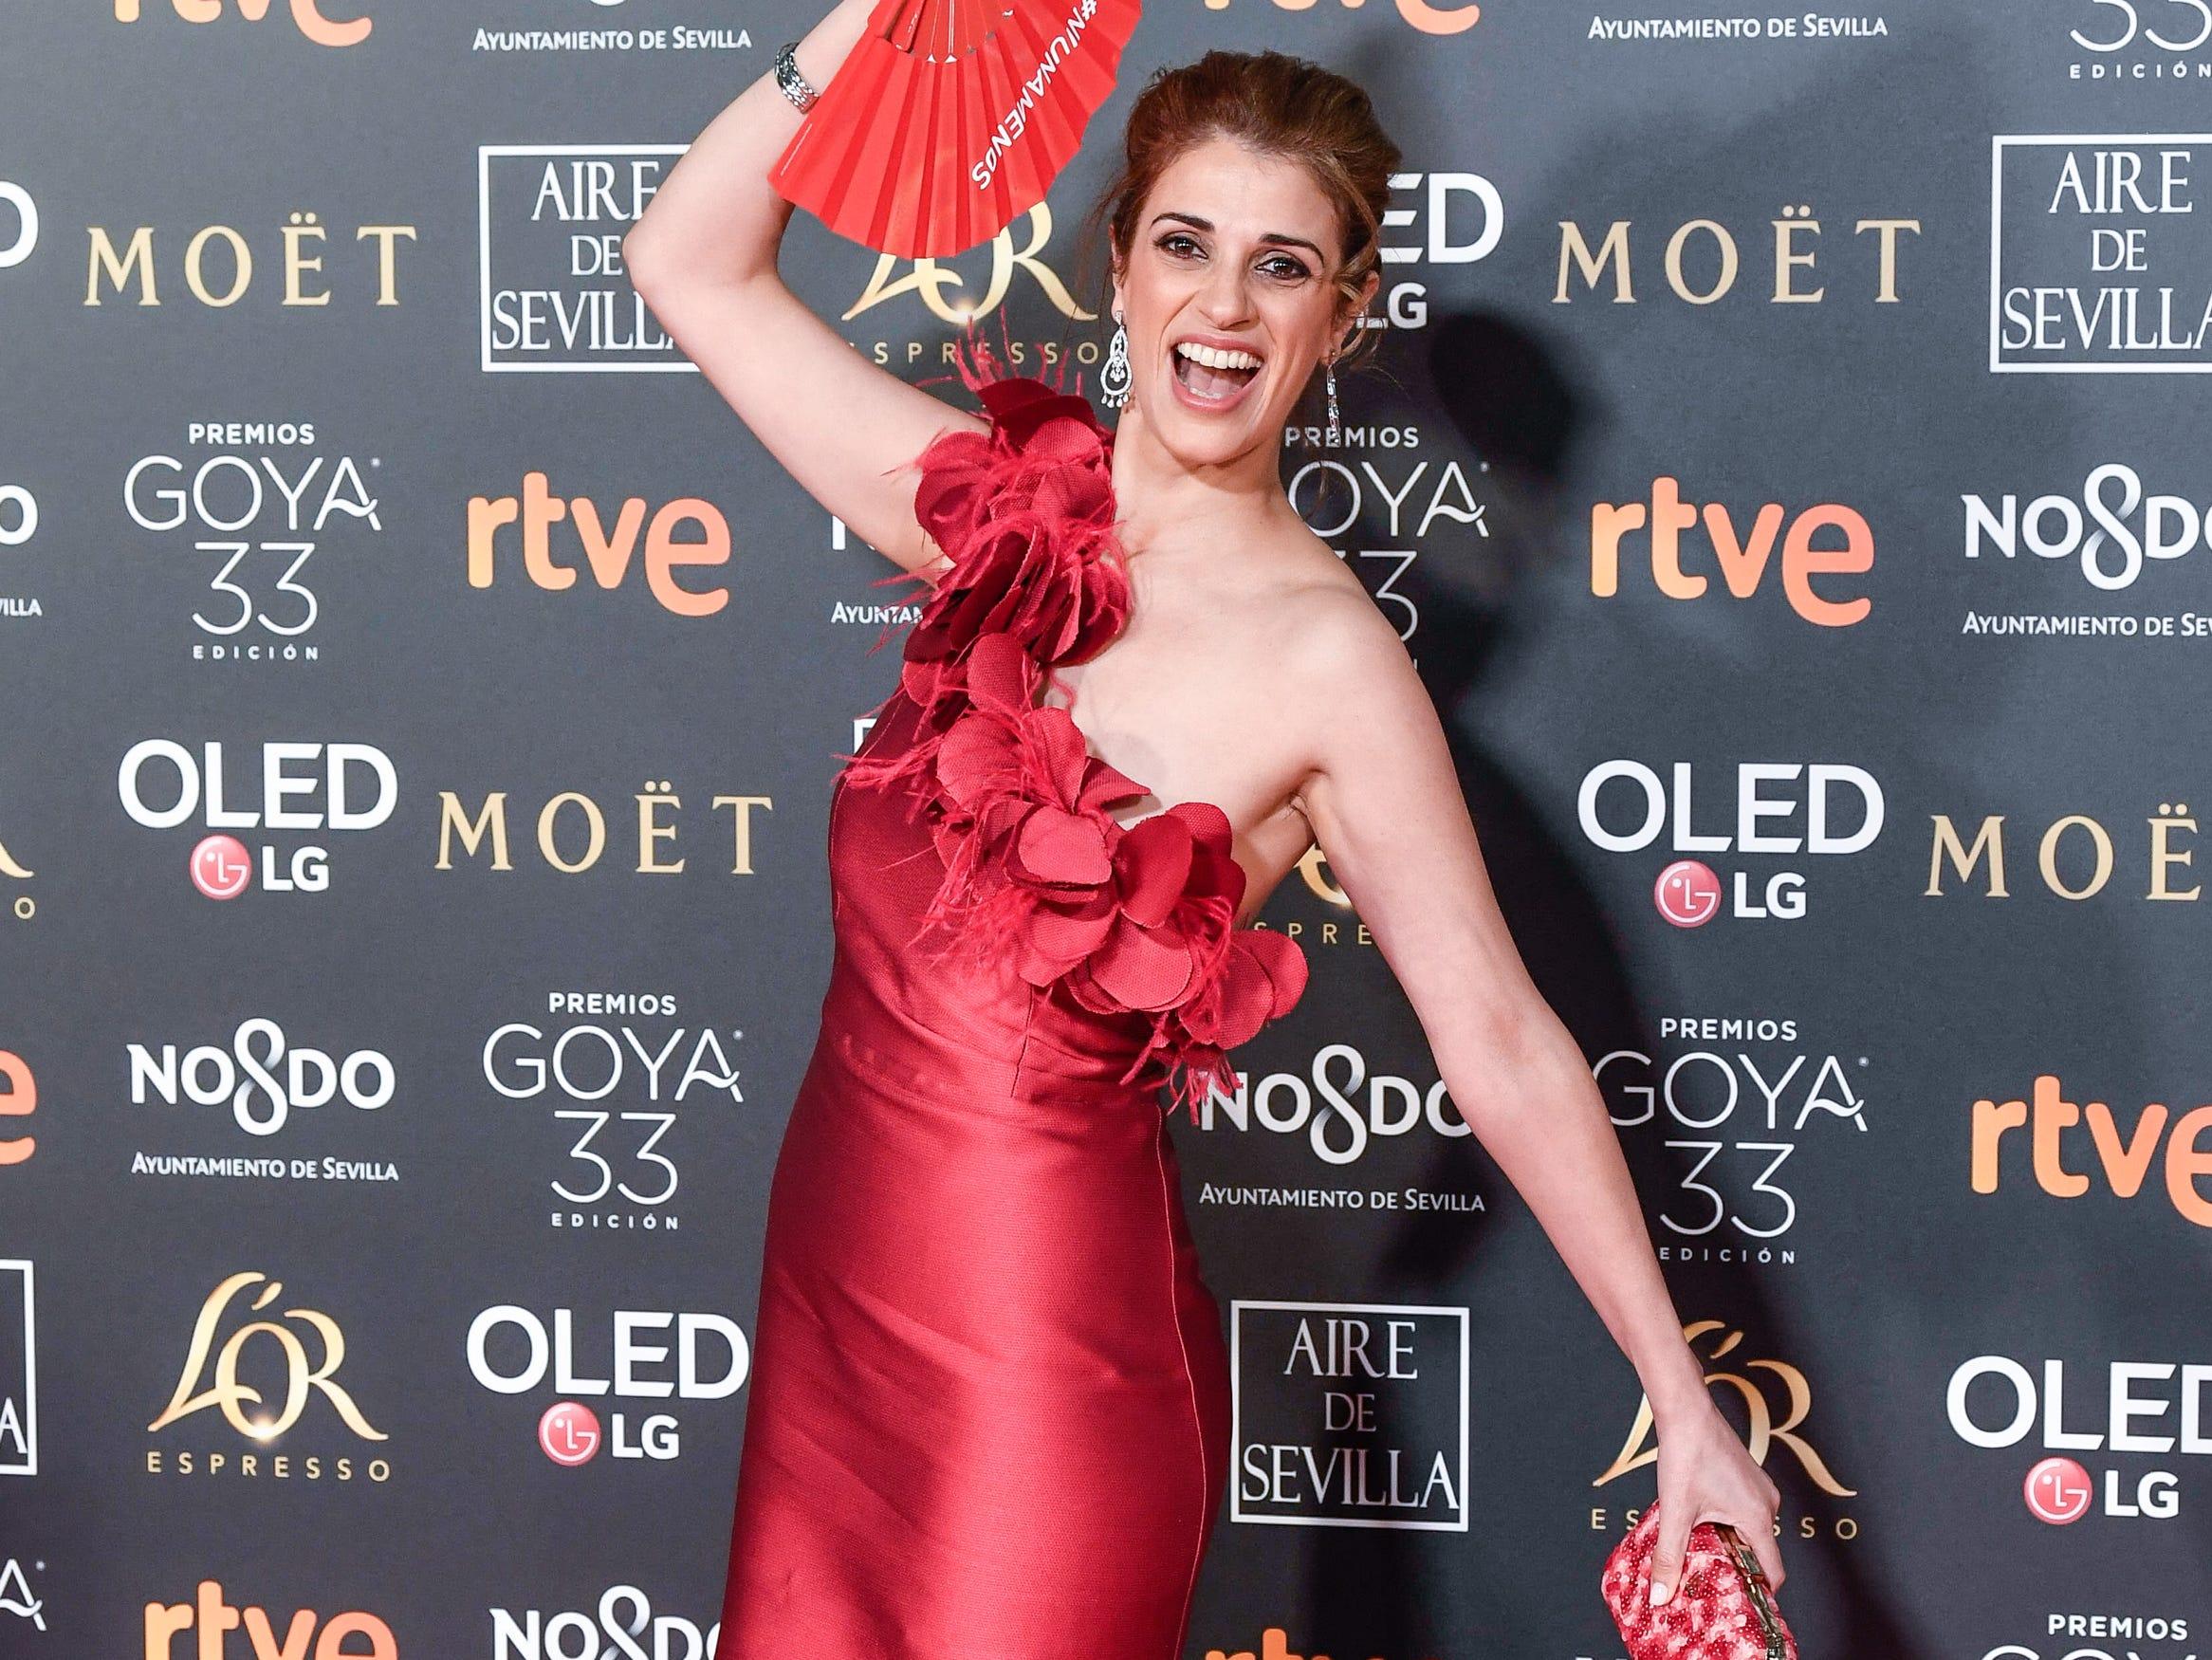 Ruth Gabriel asiste a la 33ª edición de los Premios de Cine Goya en el Palacio de Congresos y Exposiciones FIBES el 2 de febrero de 2019 en Sevilla, España.